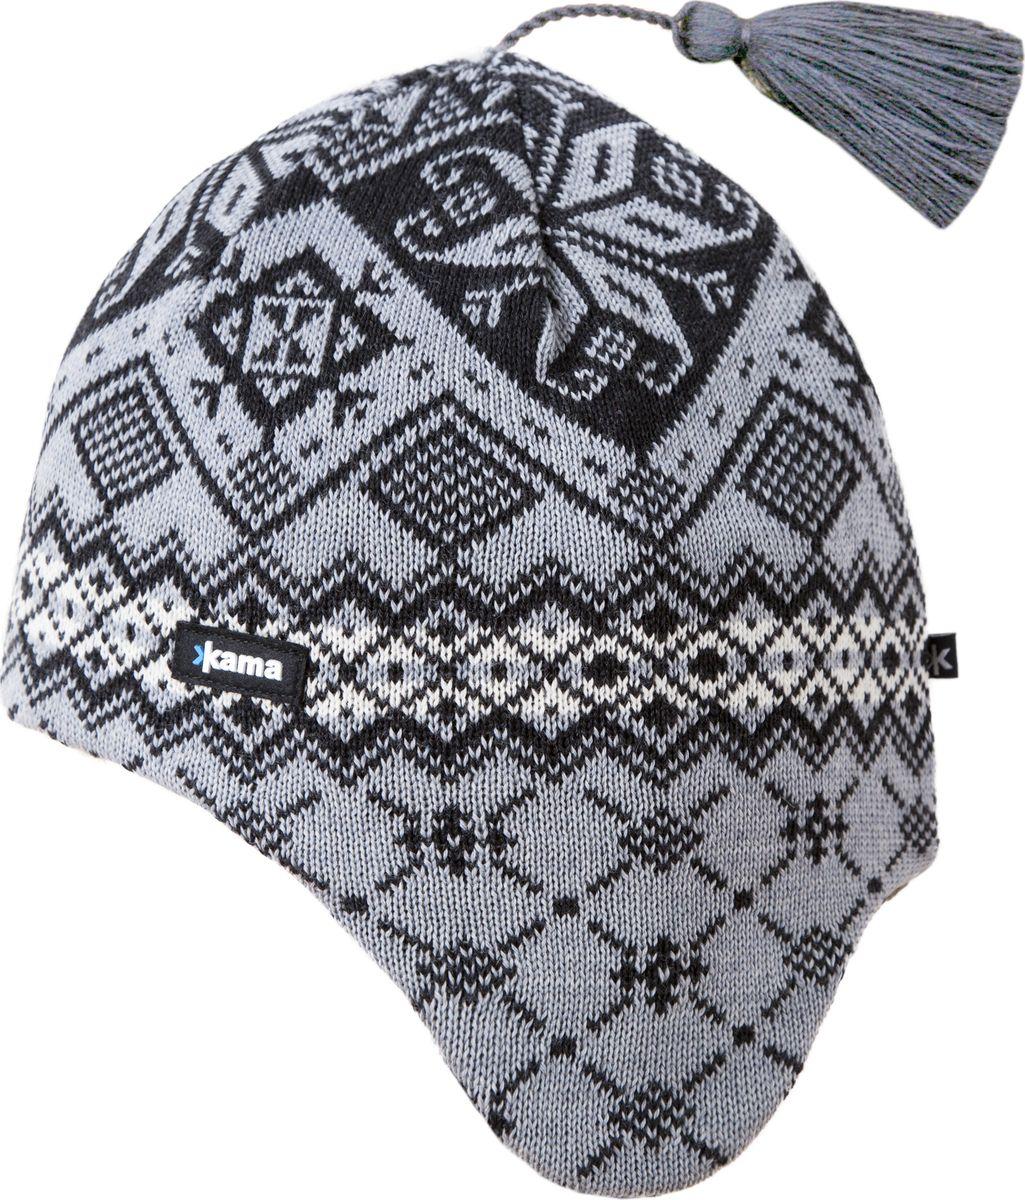 Шапка kama шапка kama cross country beanies цвет черный a58 110 размер 56 58